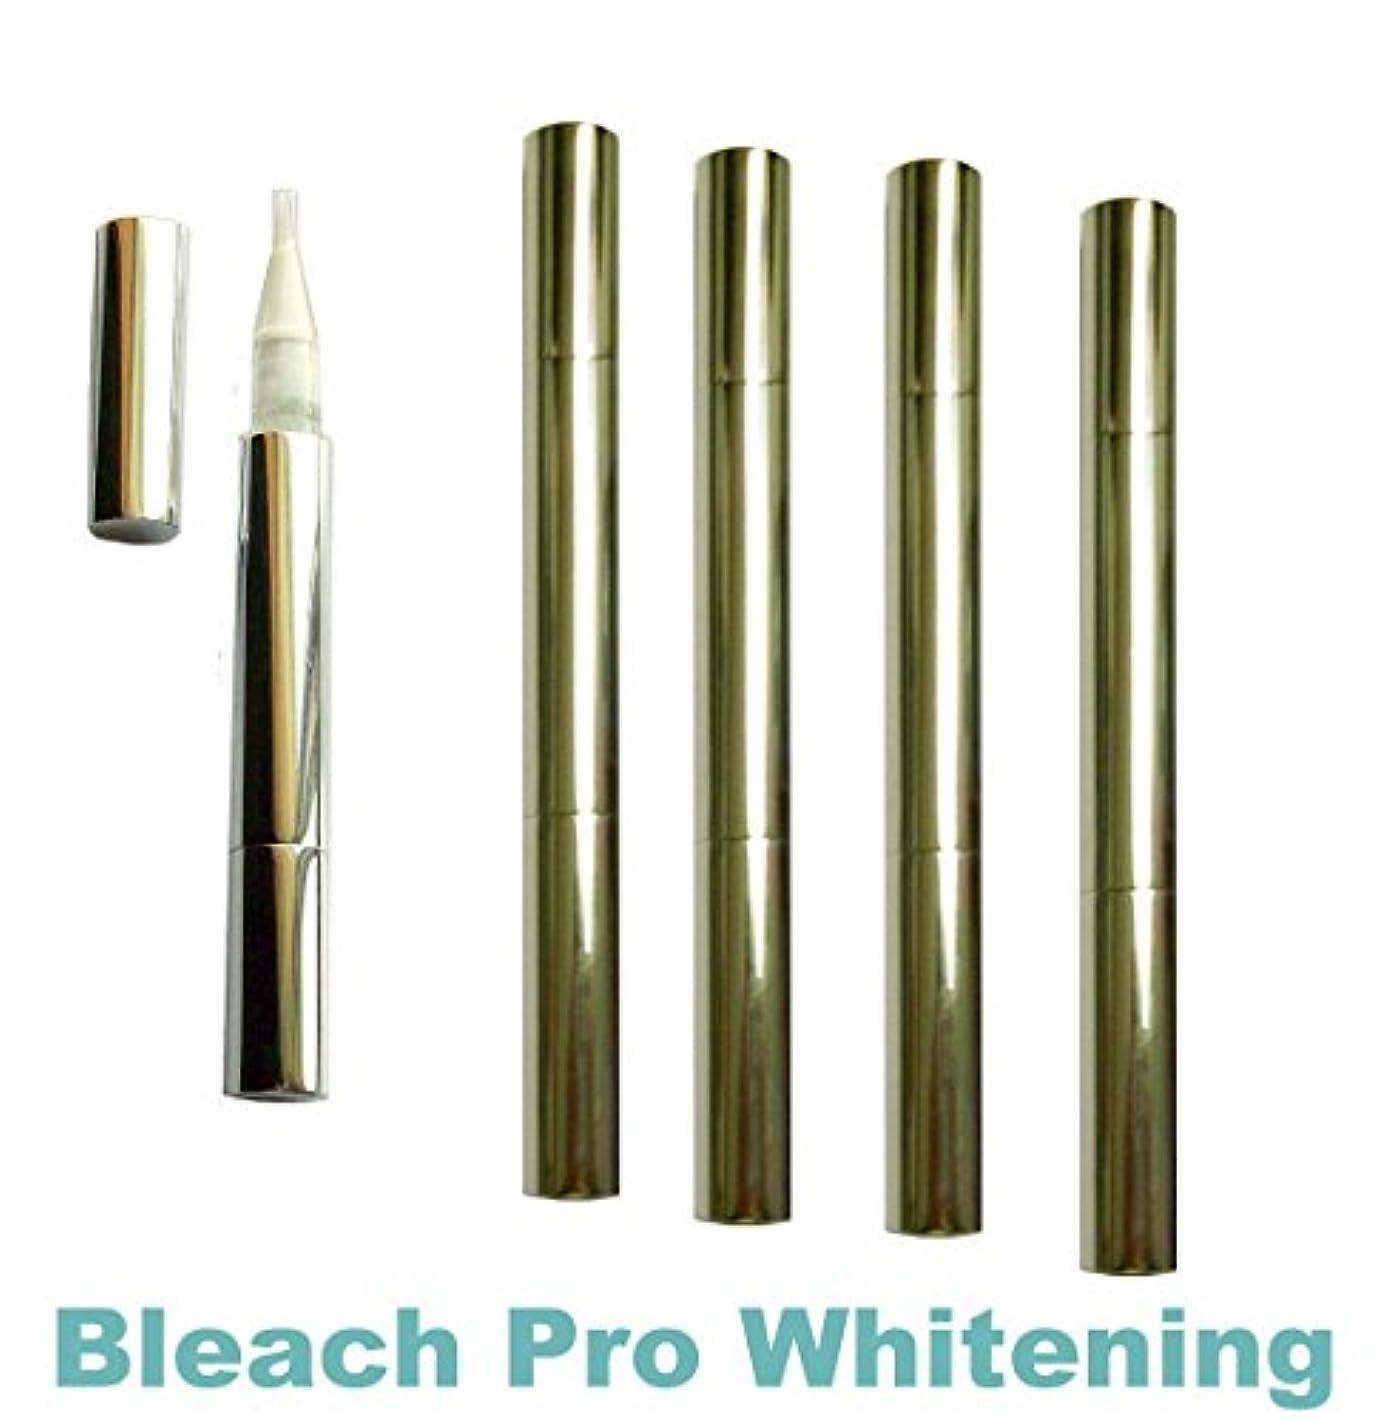 発送城口Teeth Whitening Gel Pens 35% Carbamide Peroxide Tooth Bleaching Formula Pen with Brush Tip Gel Dispenser. 5 Whitening...